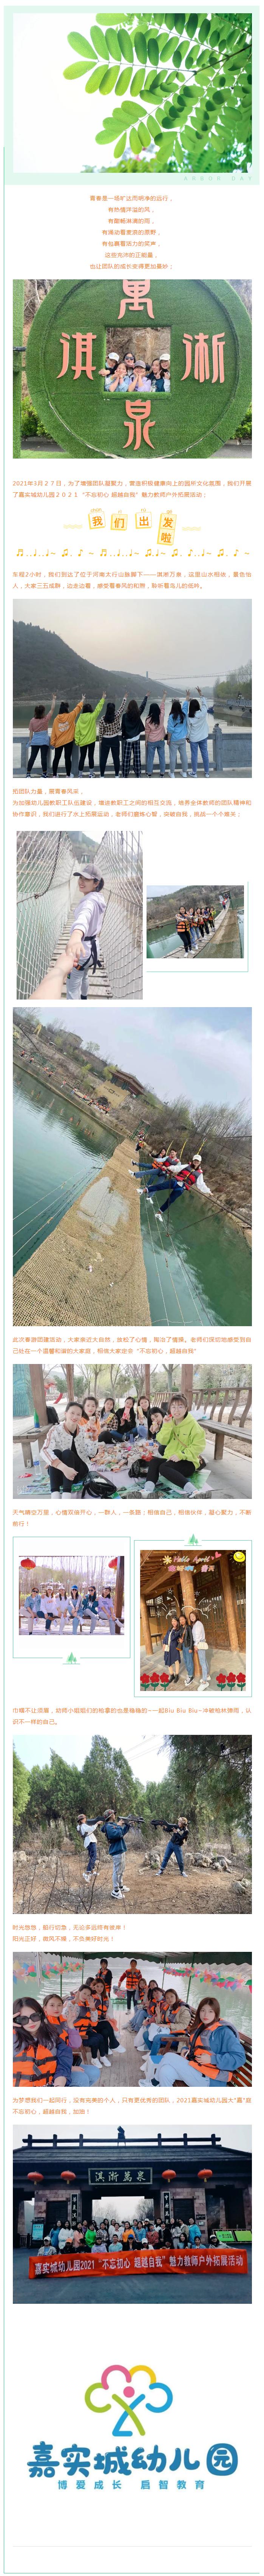 """""""凝心聚力,筑爱幼教""""——嘉实城幼儿园团建活动.png"""